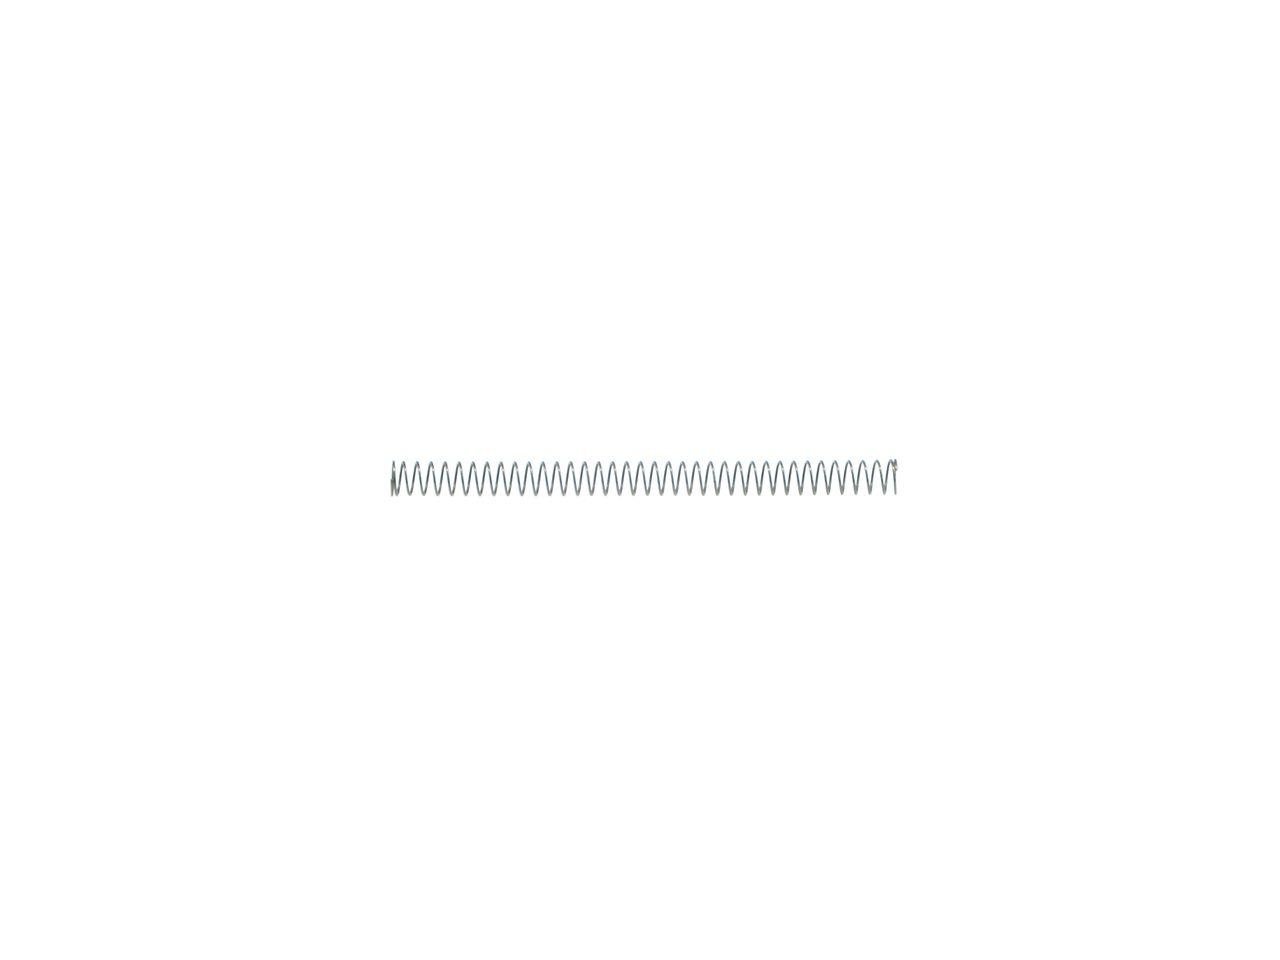 Umarex USPパーツ 01-5 シリンダーリコイルスプリング(VGC6SPG017)